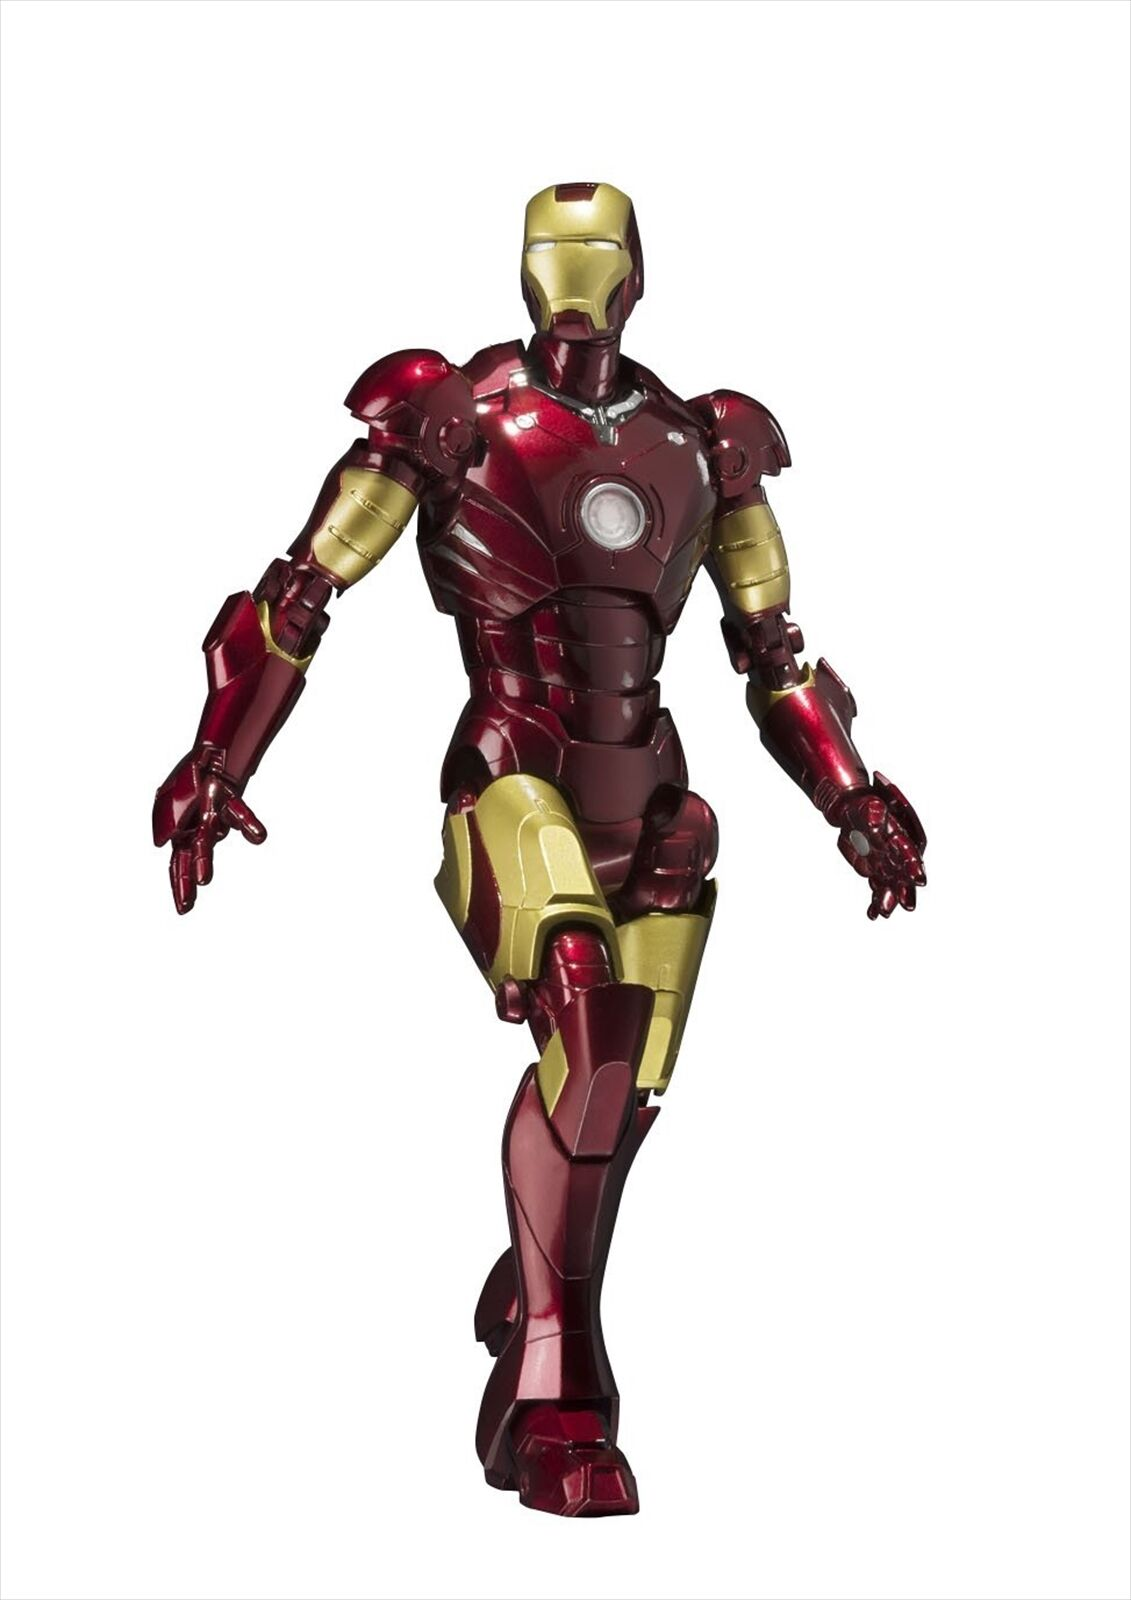 Bandai S.H. Figuarts Figura De Acción Iron Man Mark 3